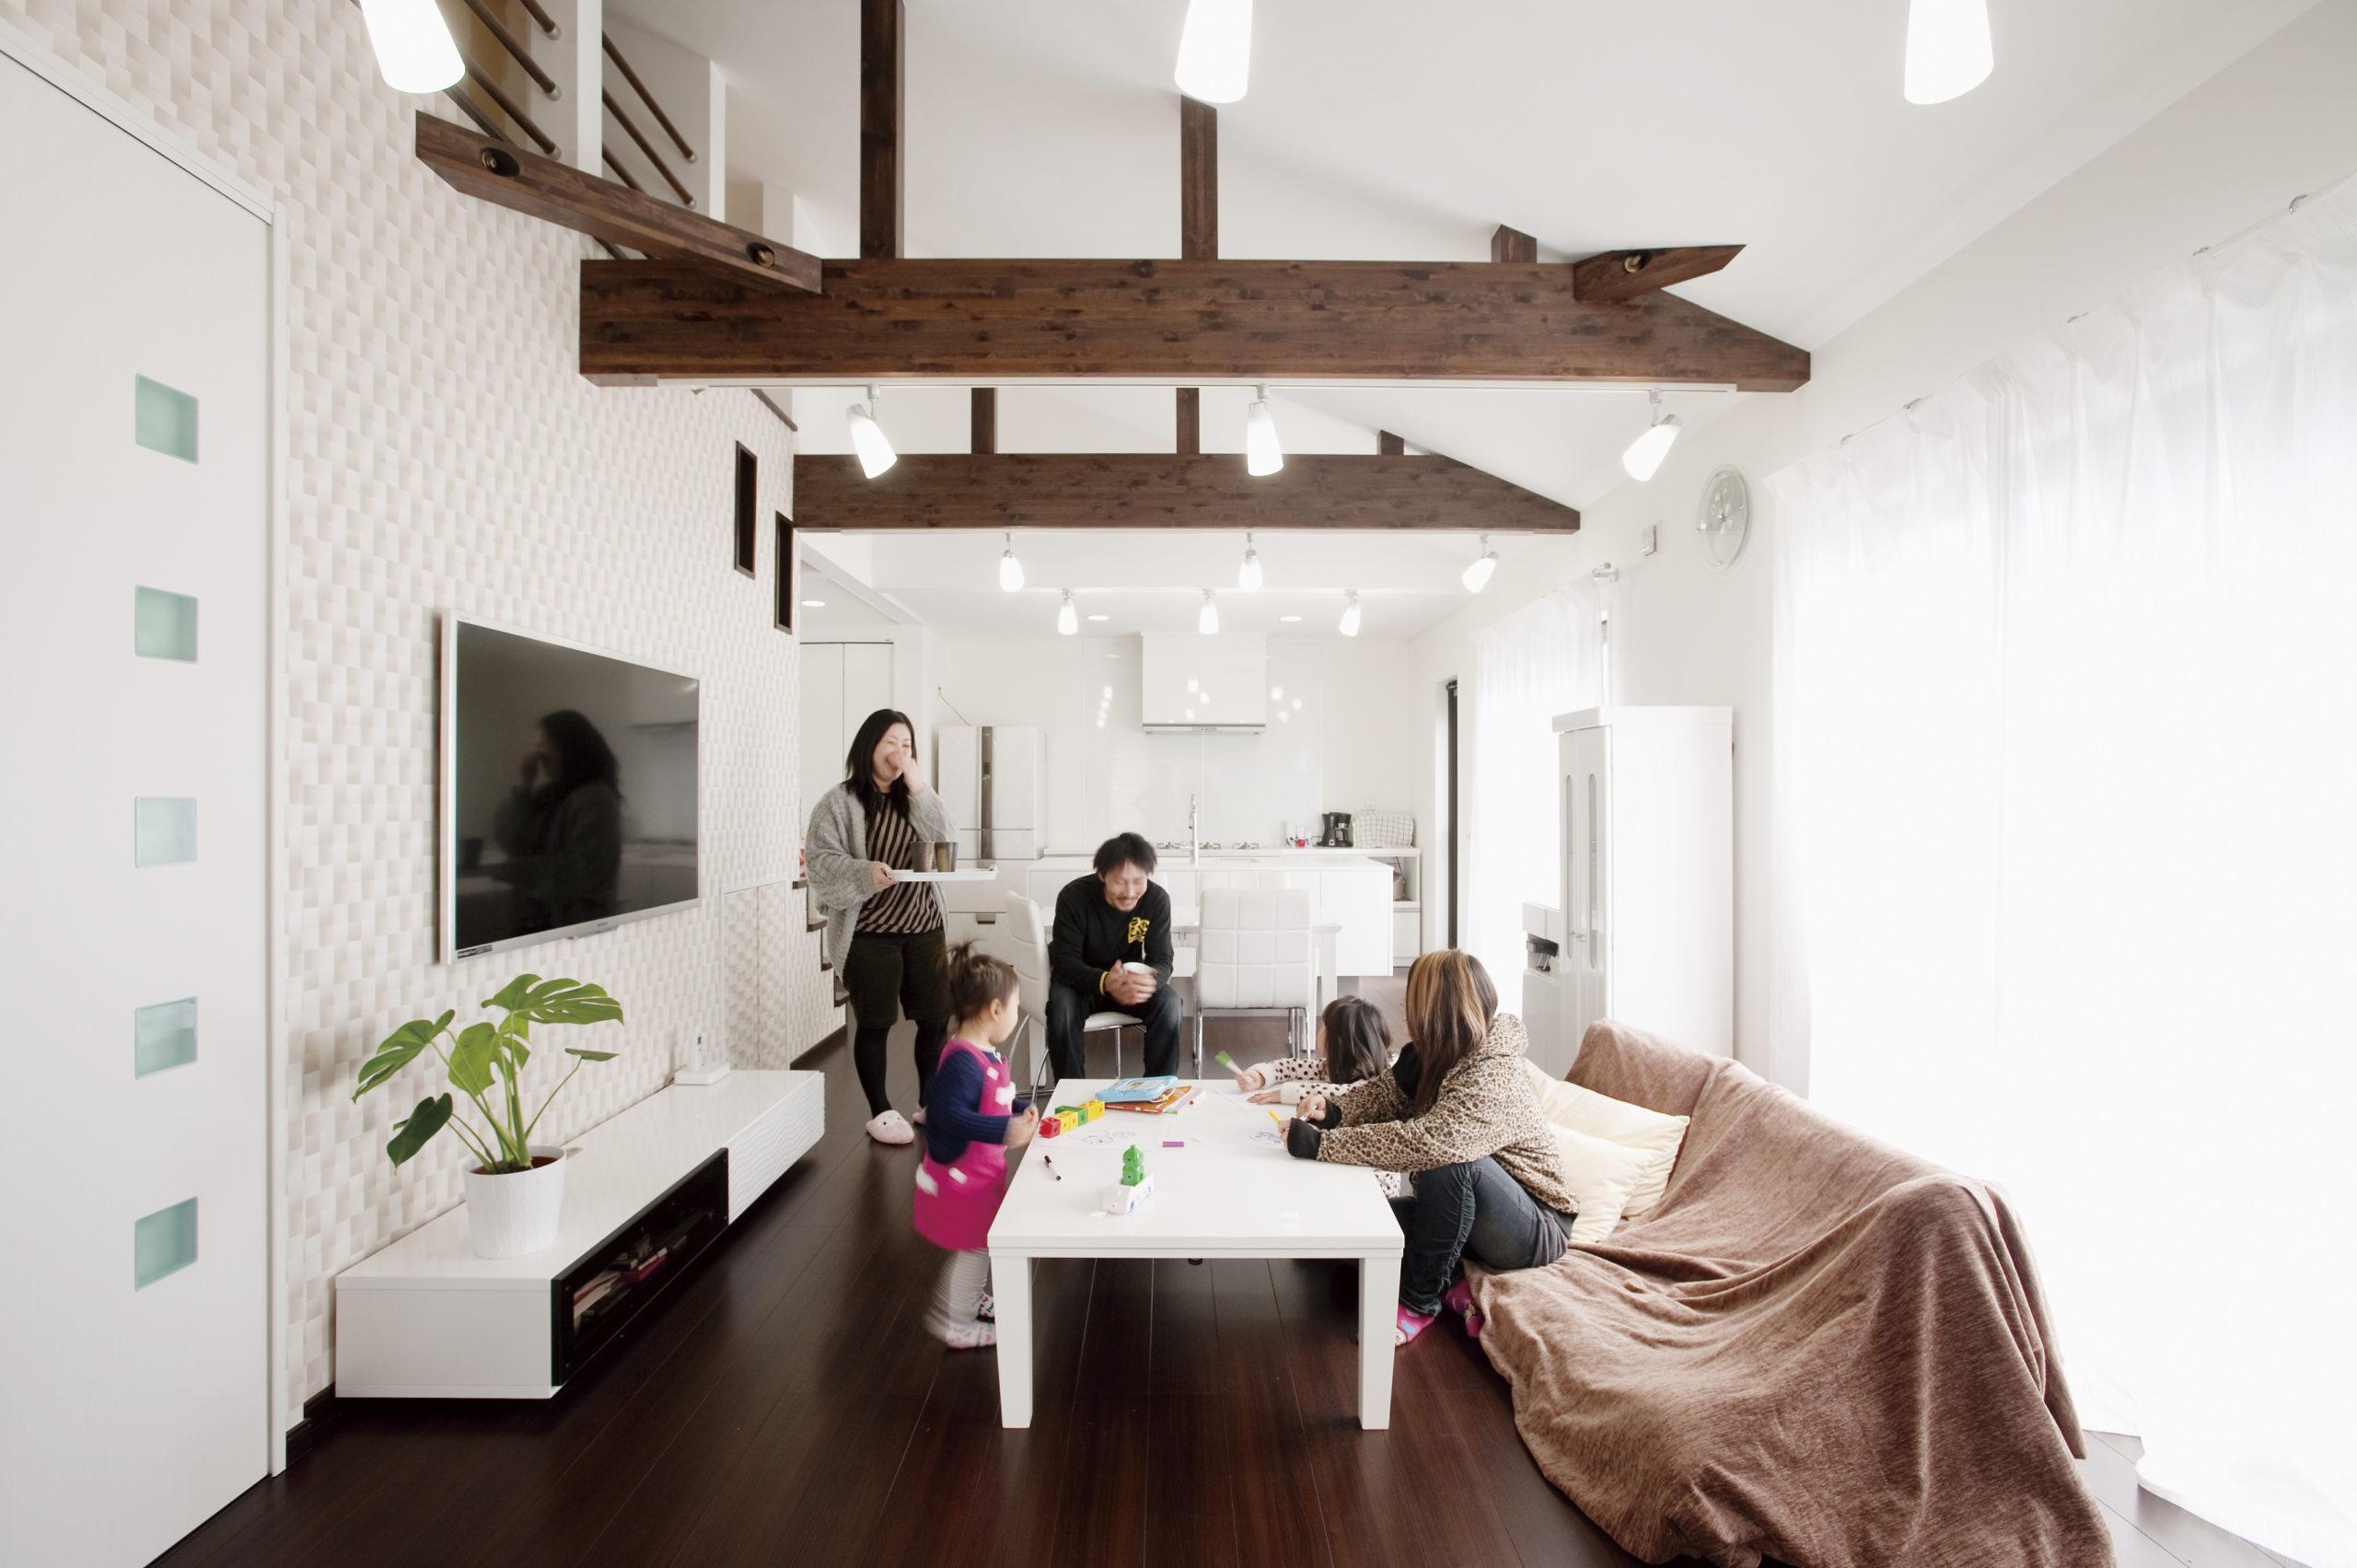 完全分離型 二世帯住宅独立性を保った二世帯住宅